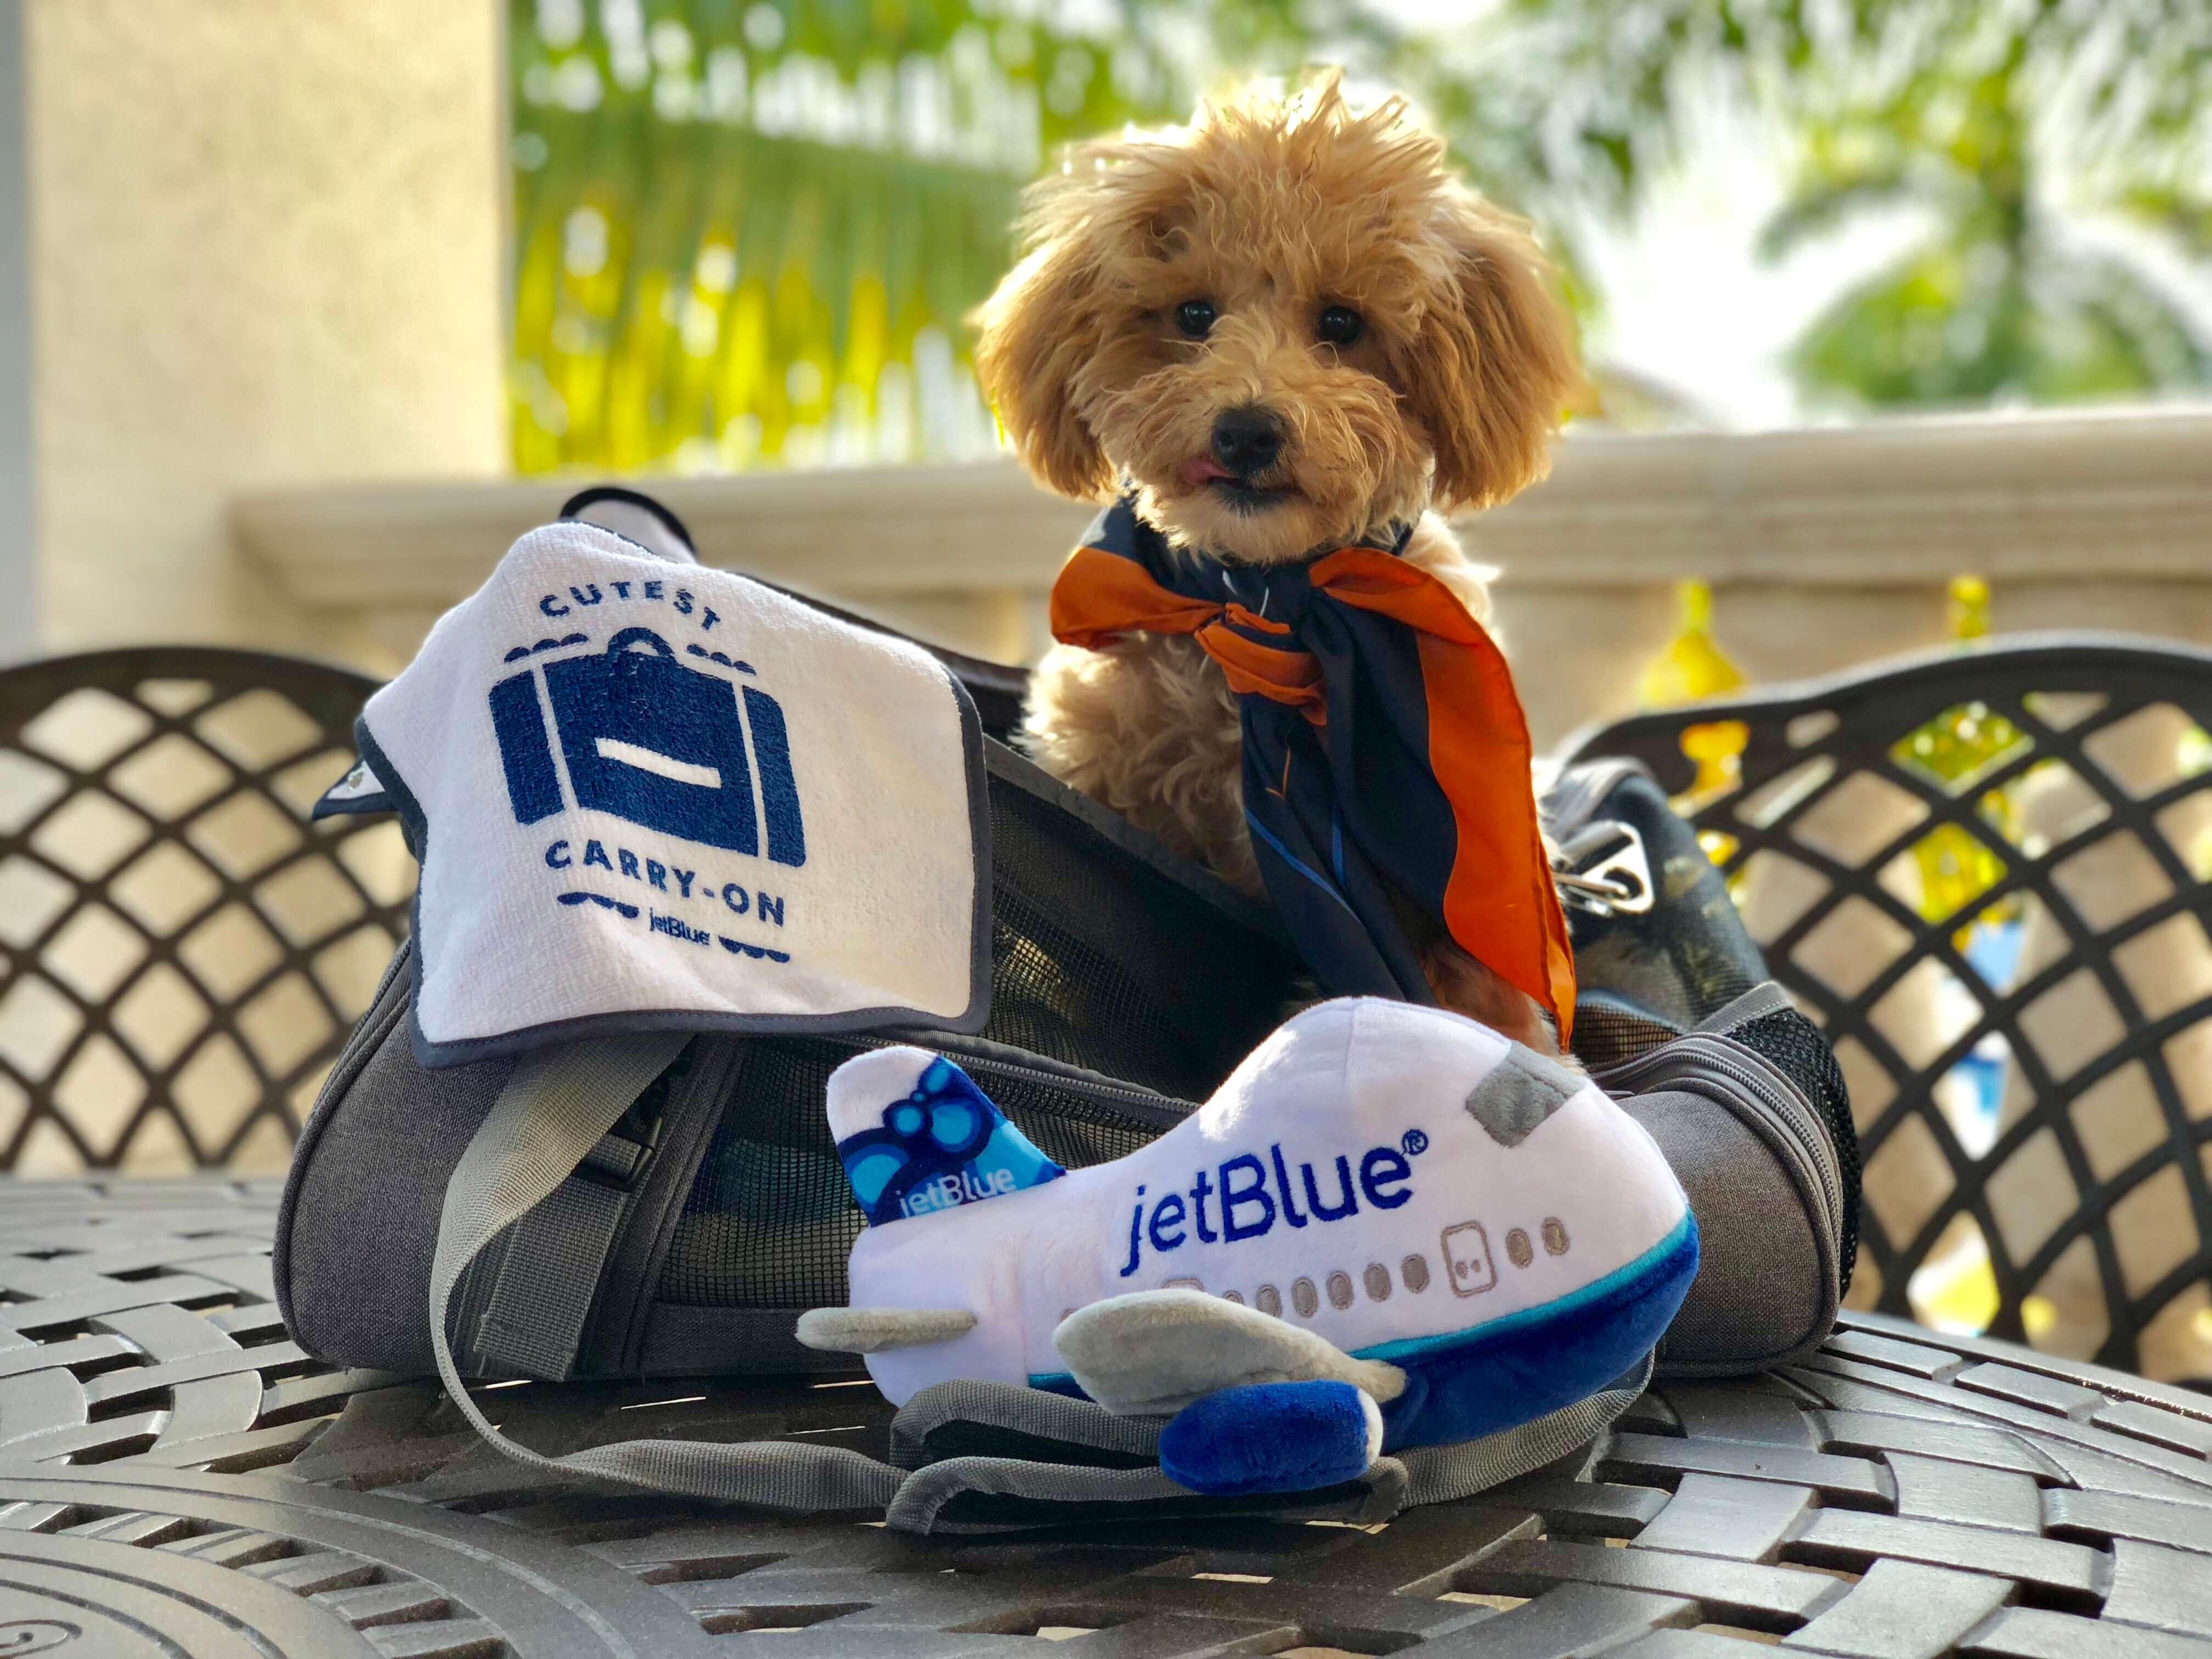 jetblue dog policy